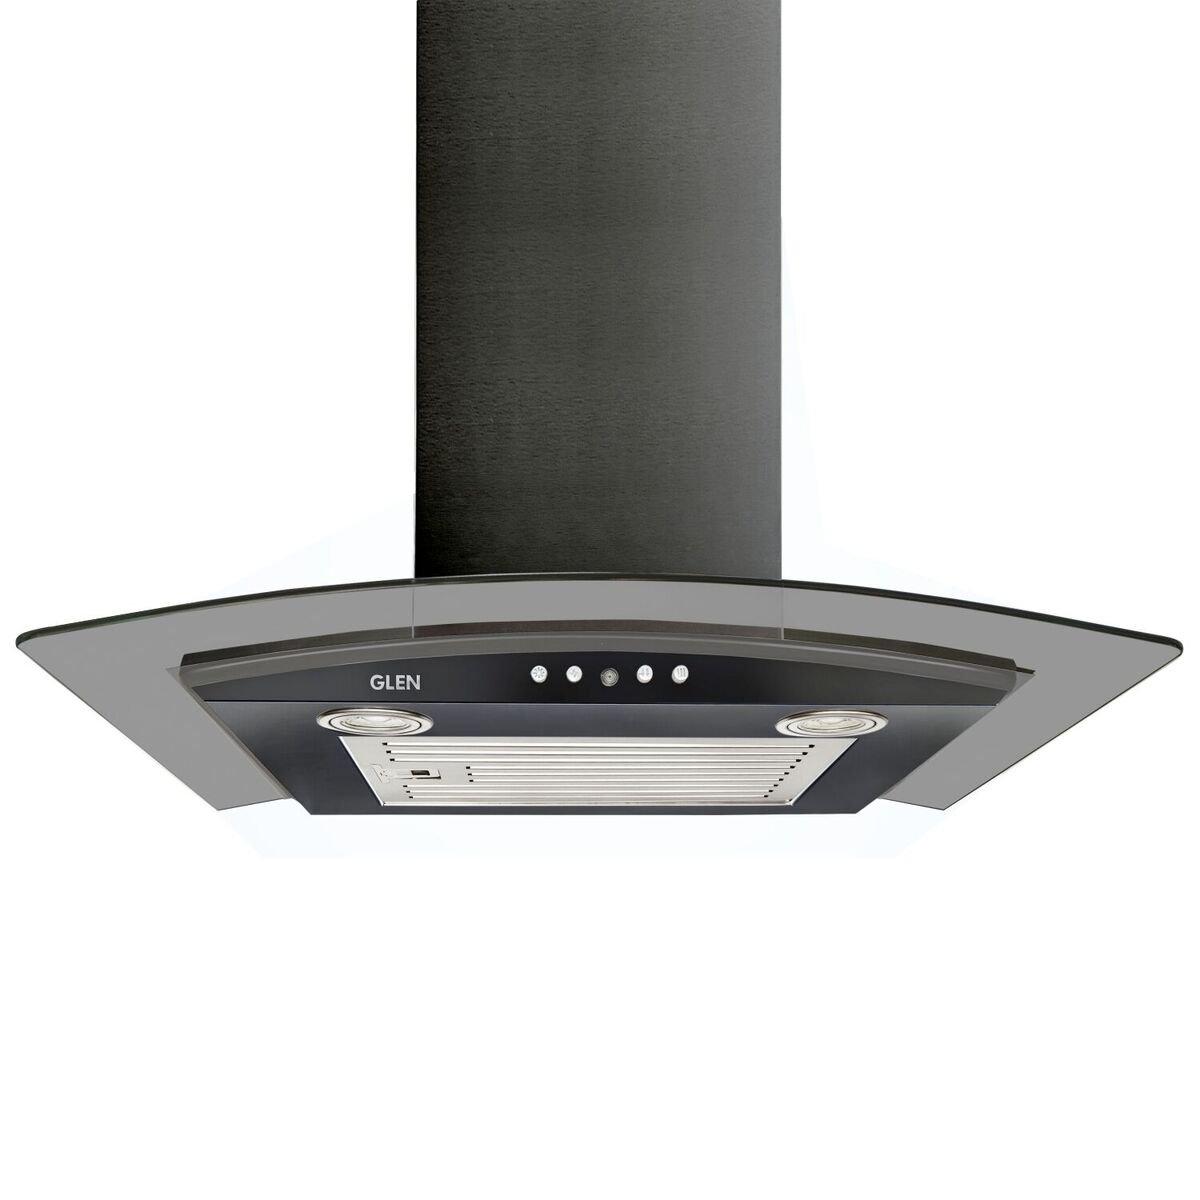 glen-kitchen-chimney